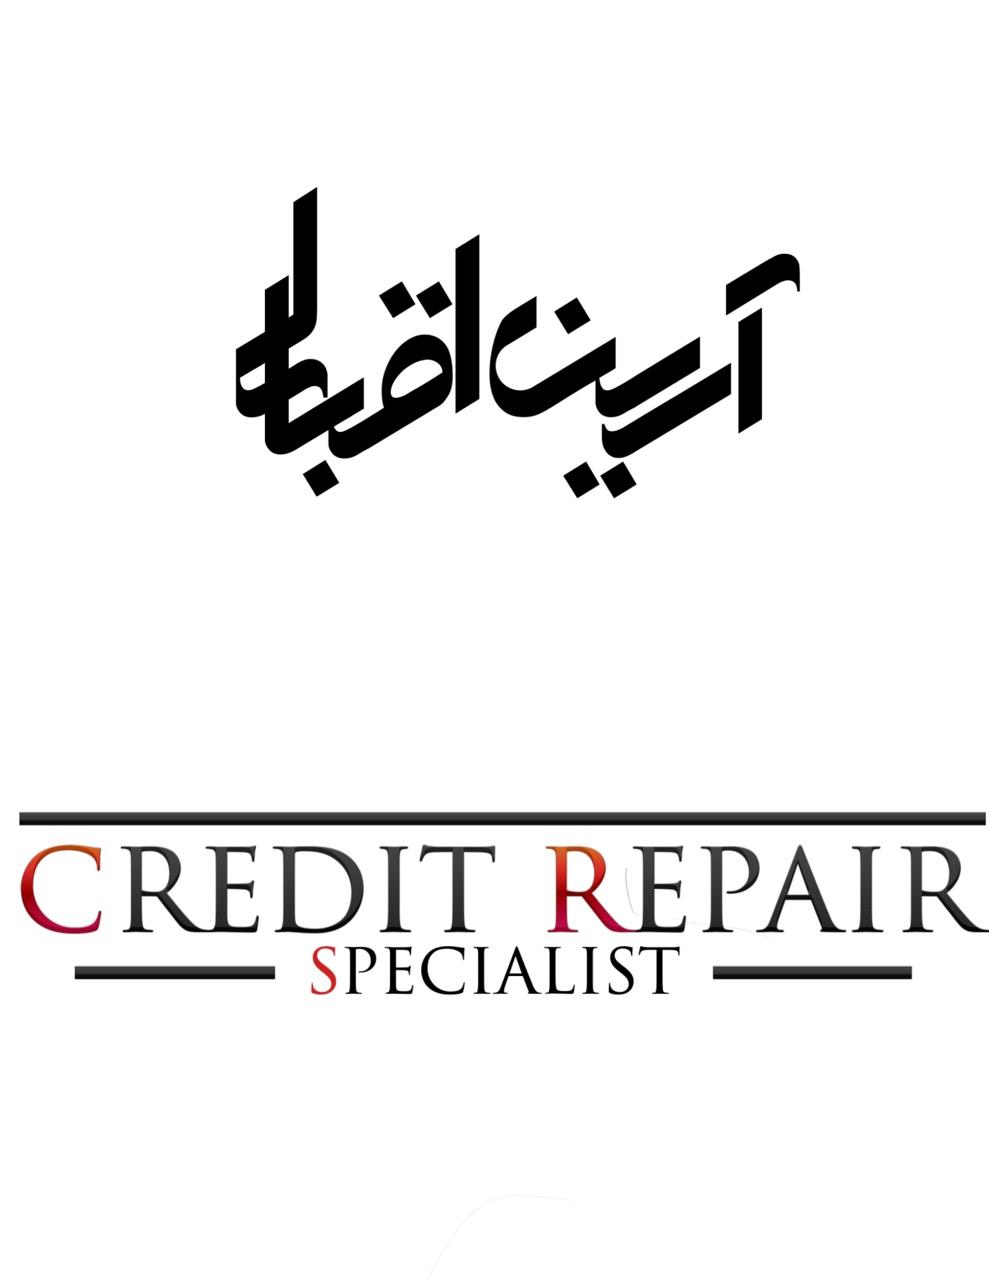 Arian Eghbali Credit Repair